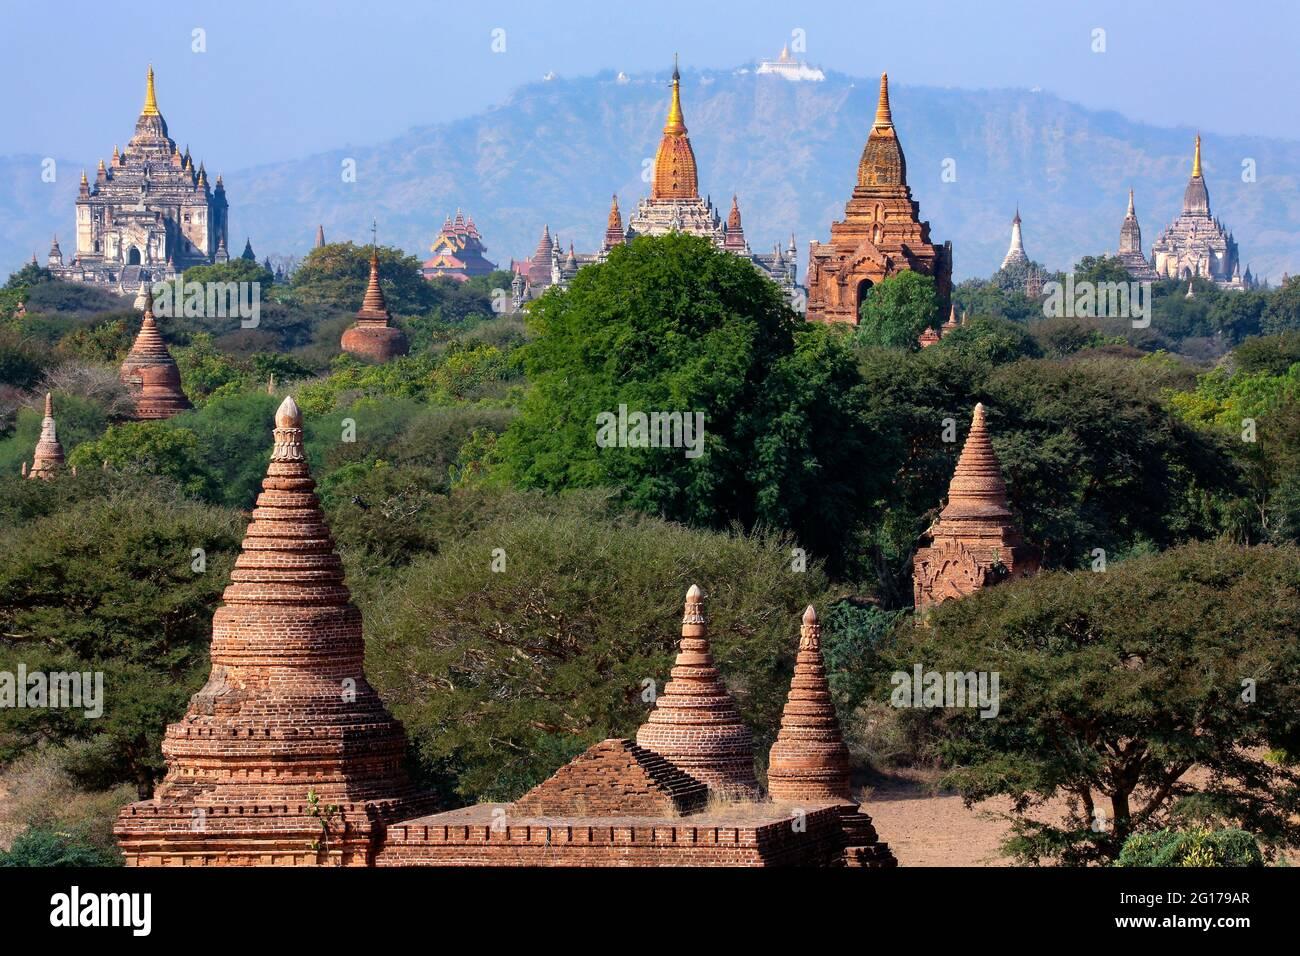 Los antiguos templos budistas de la zona arqueológica de Bagan, Myanmar (Birmania). Foto de stock